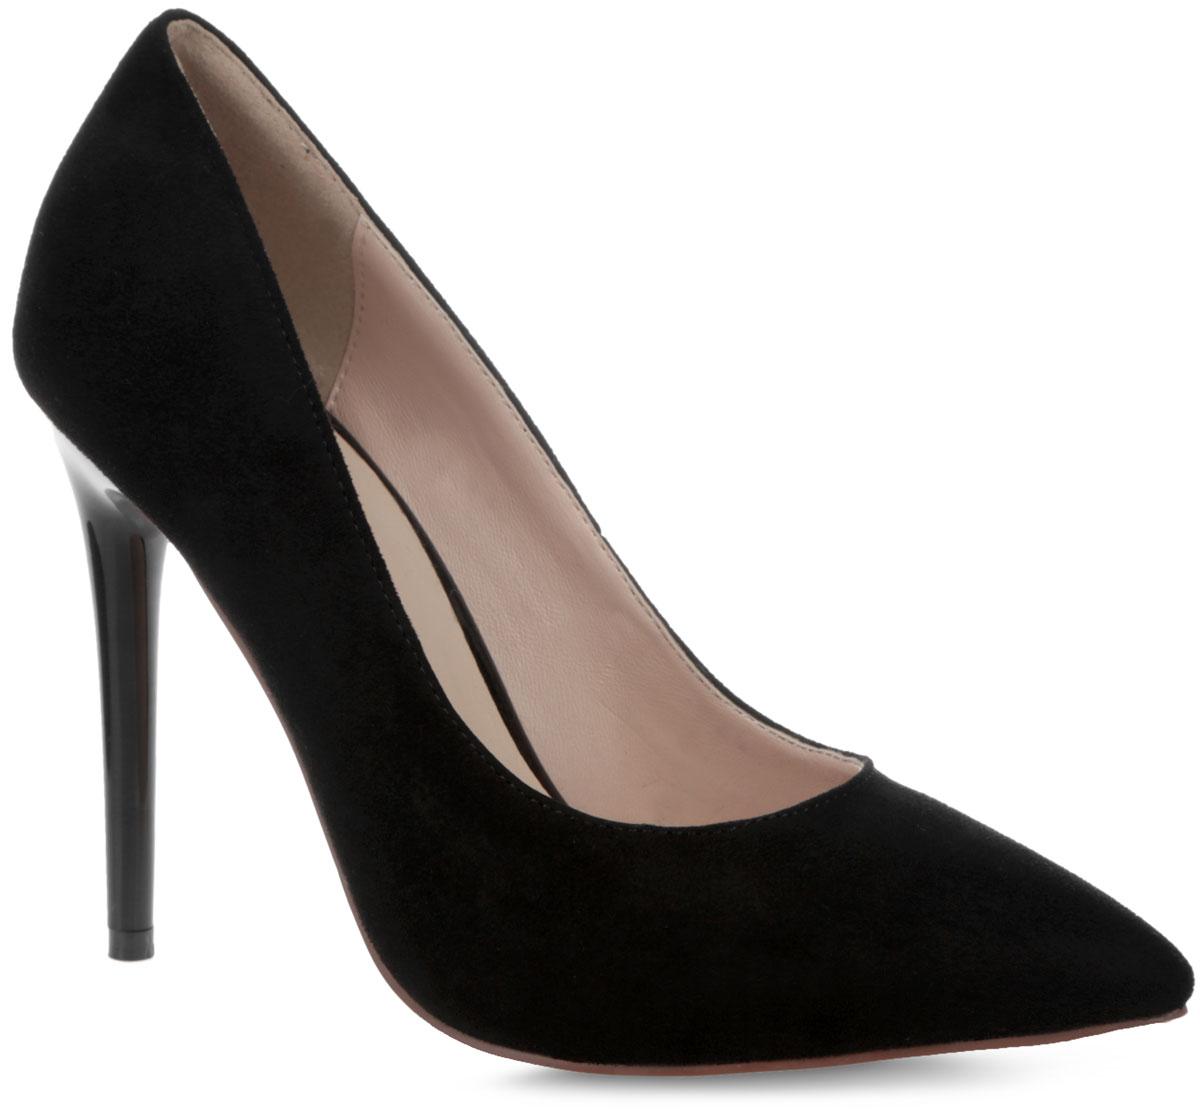 Туфли женские. 5331-E800-265331-E800-26Стильные женские туфли от Winzor покорят вас с первого взгляда. Модель выполнена из искусственной замши и исполнена в лаконичном стиле. Подкладка и стелька - из искусственной кожи, обеспечат максимальный комфорт и уют при ходьбе. Зауженный носок добавит женственности в ваш образ, а ультравысокий каблук-шпилька - шарма. Подошва из полимерного термопластичного материала дополнена рифлением для лучшей сцепки с поверхностью. Модные туфли займут достойное место среди вашей коллекции обуви.